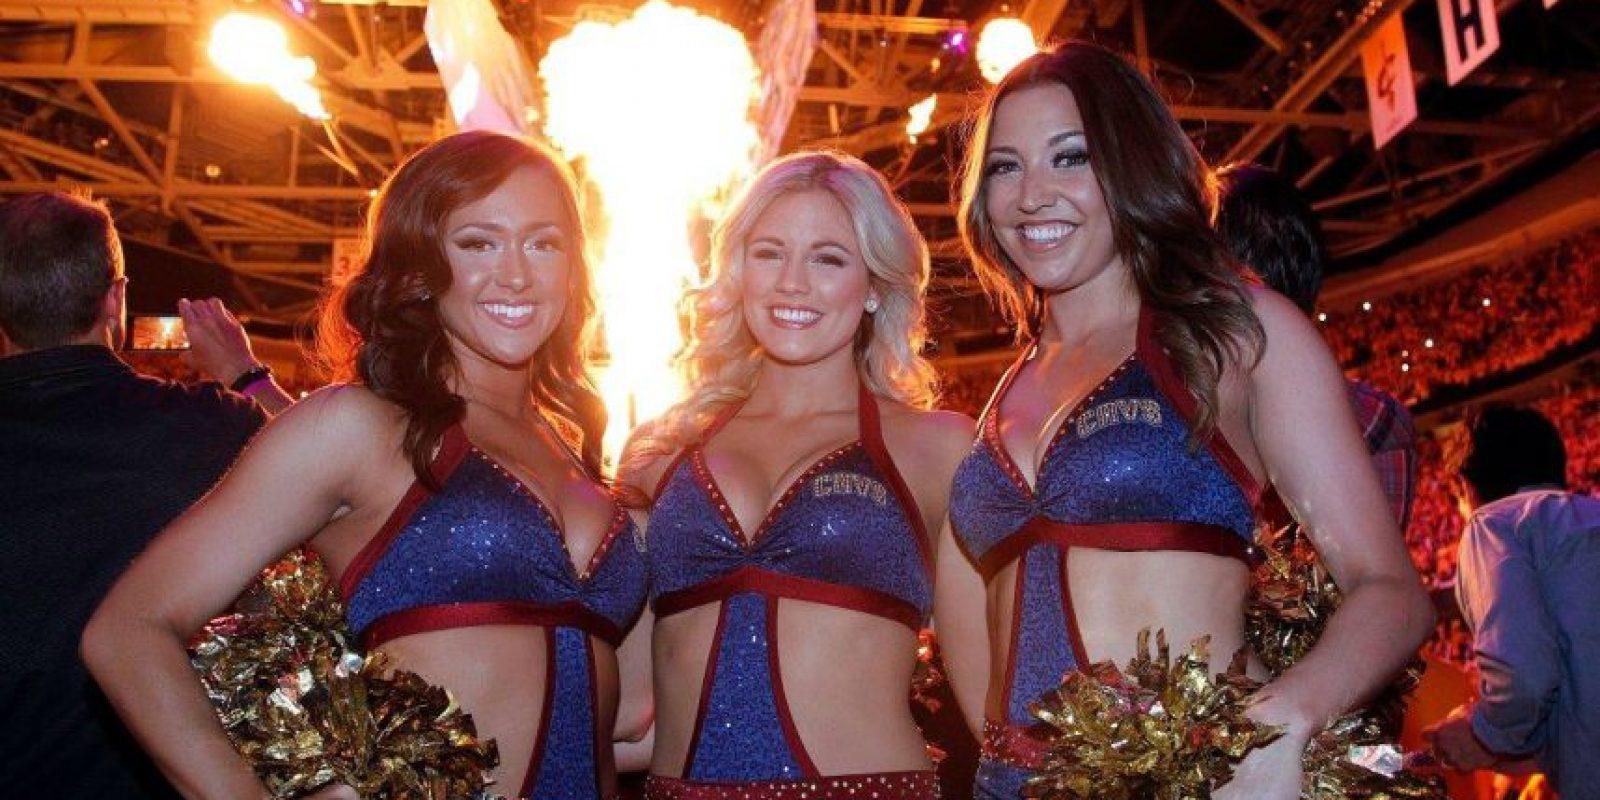 """Está integrado por 17 """"bellas, entusiastas y talentosas bailarinas"""", como describen en su página oficial. Foto:facebook.com/CavalierGirls"""